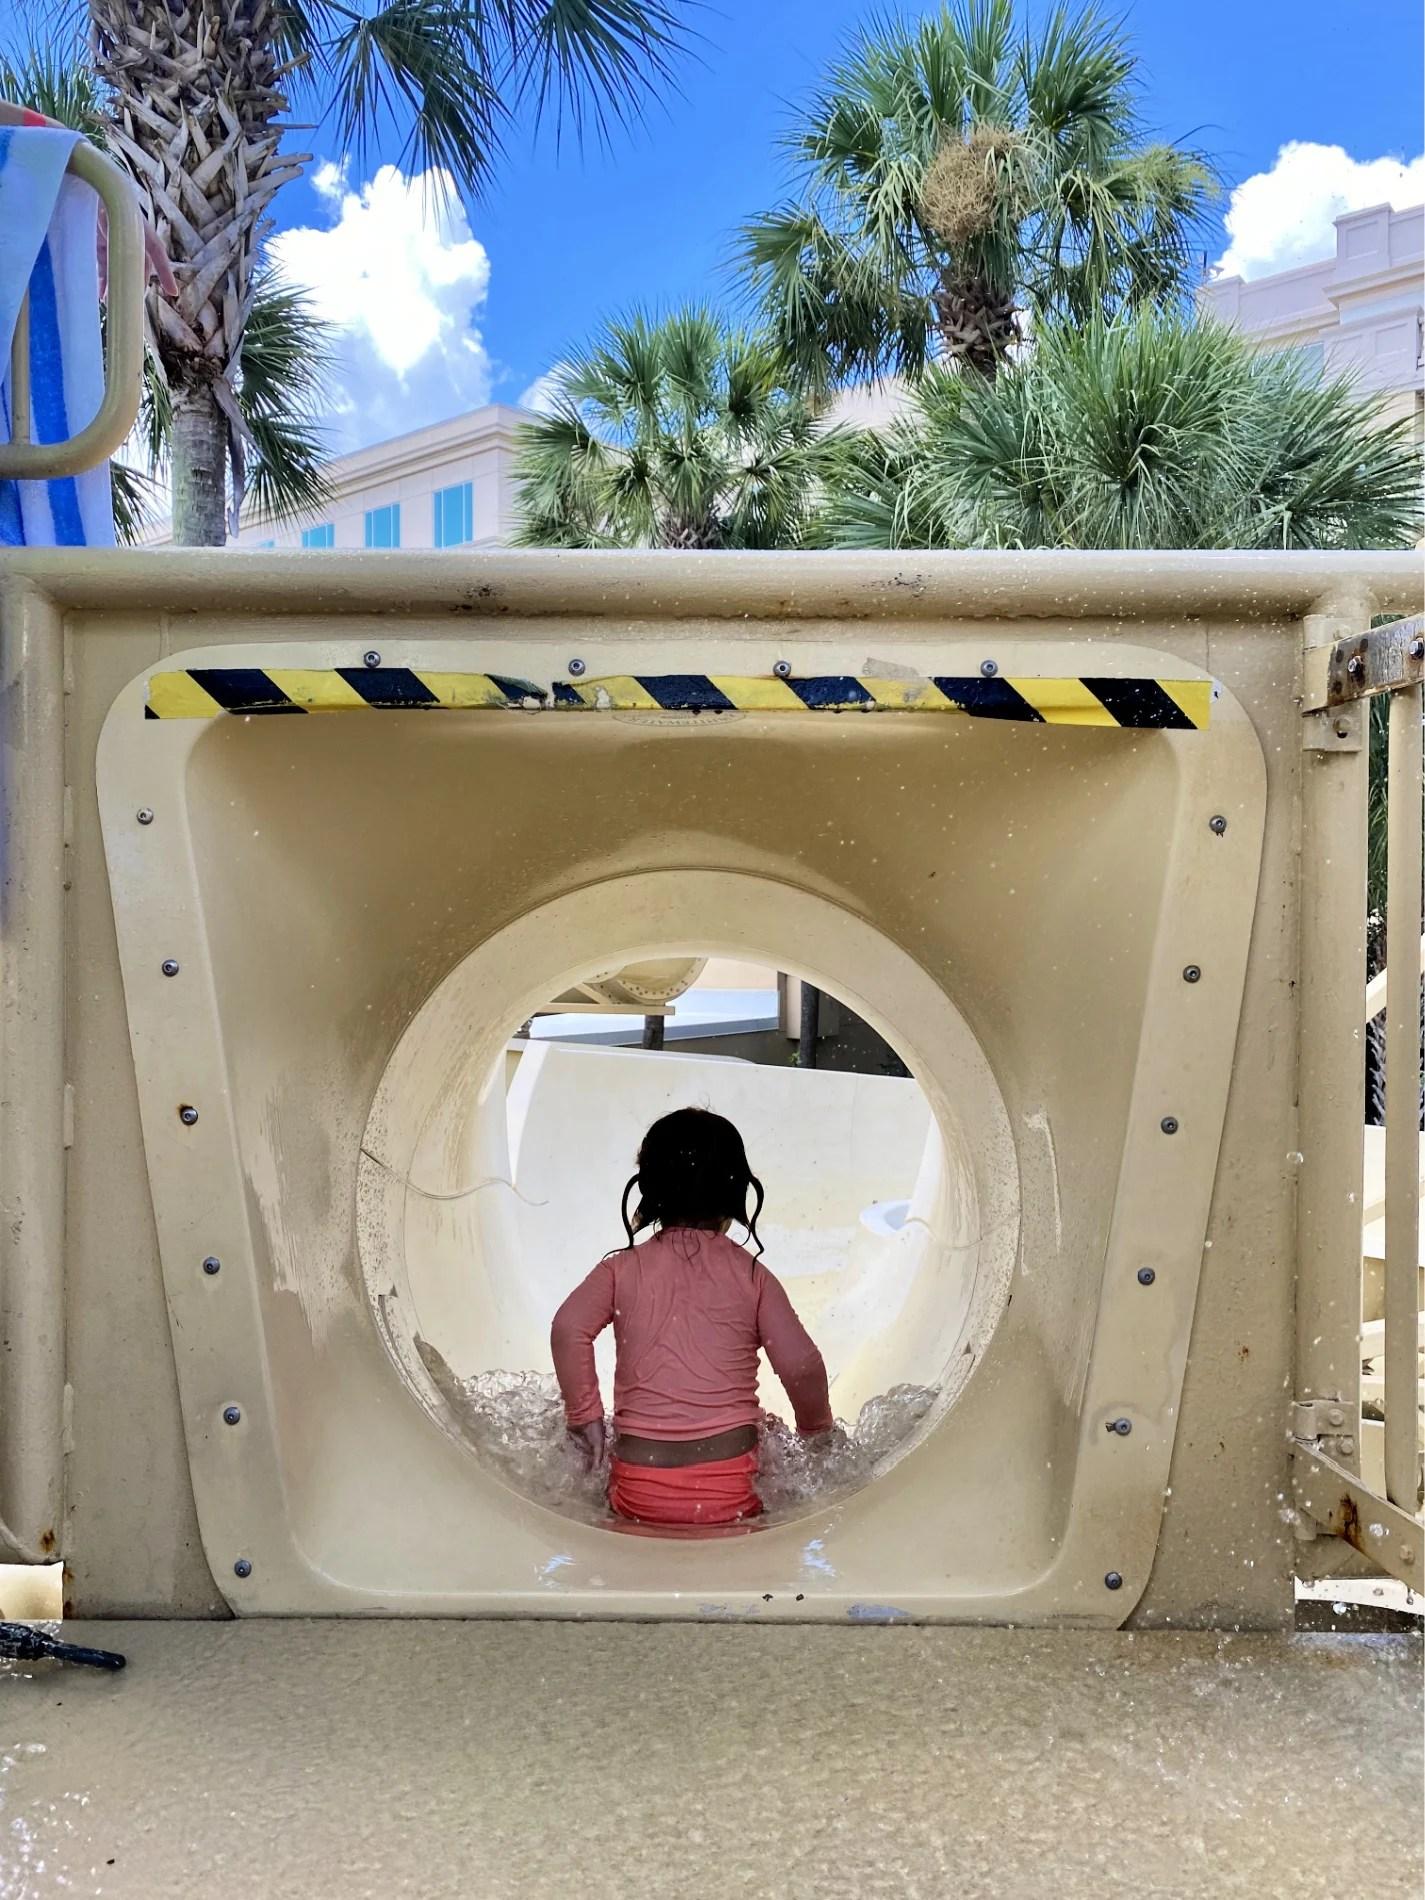 Little girl sliding down on her bottom on a water slide.